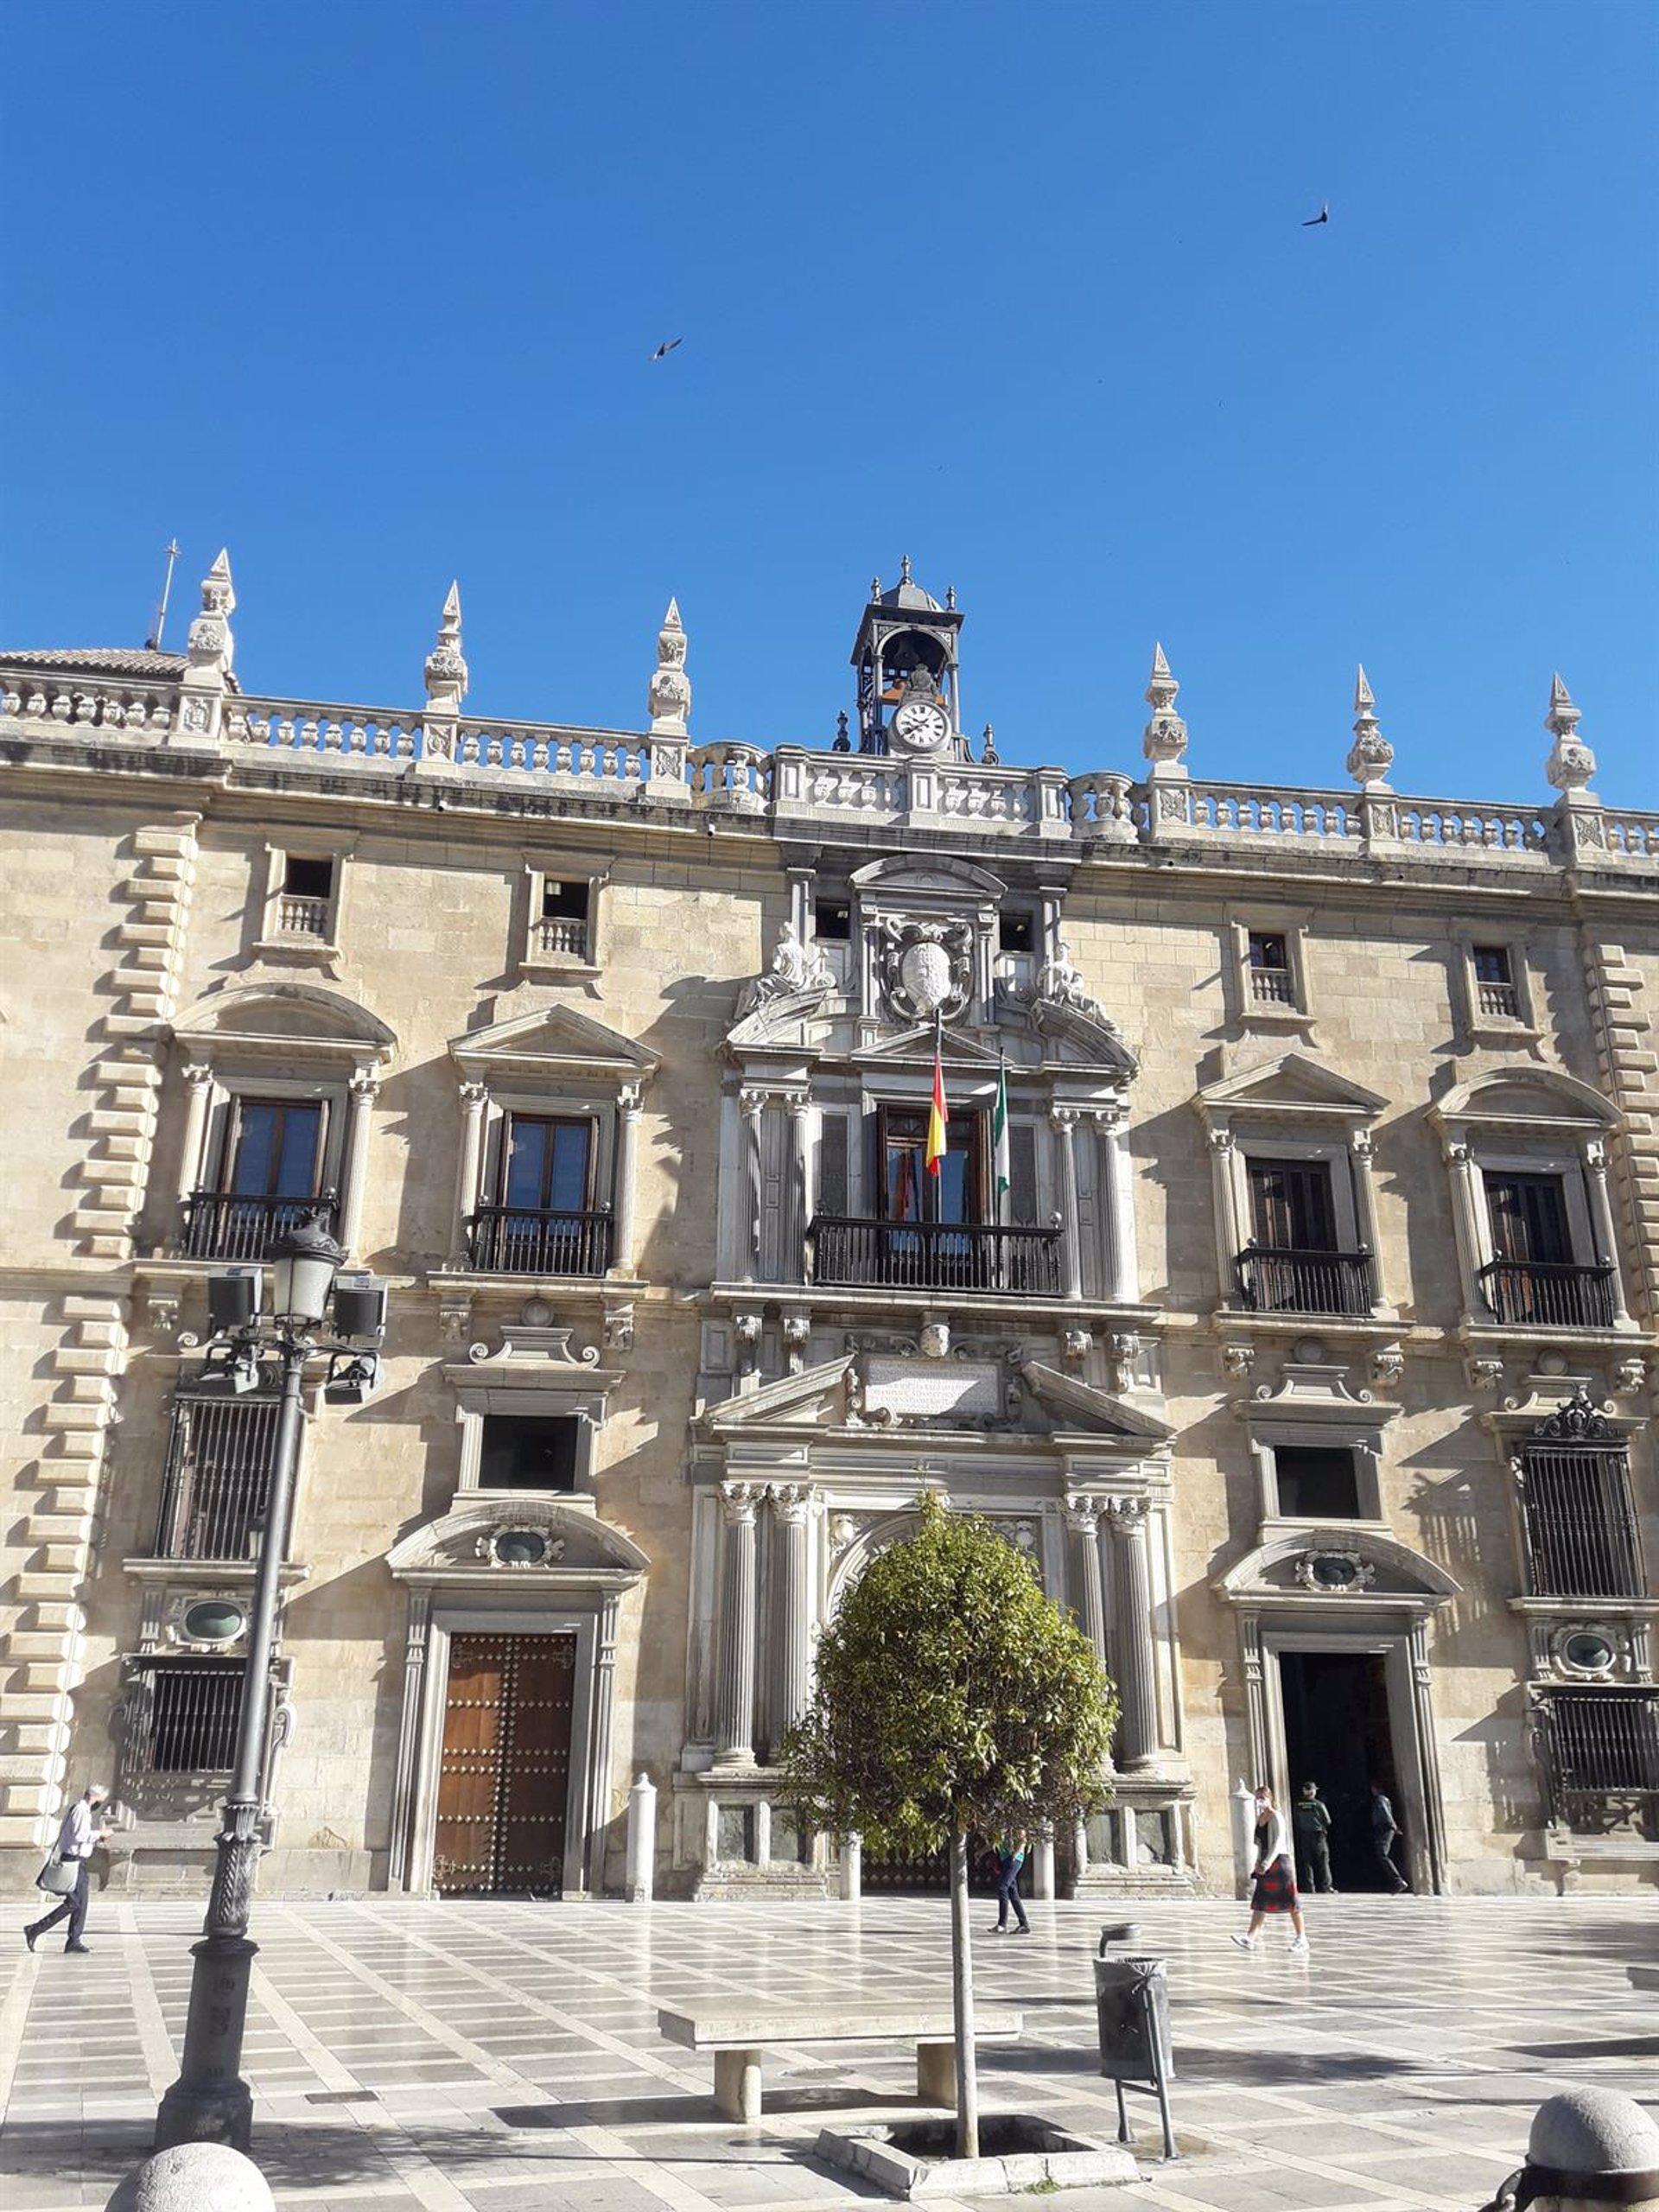 Piden tres años y medio de prisión para un encargado acusado de quedarse con unos 120.000 euros